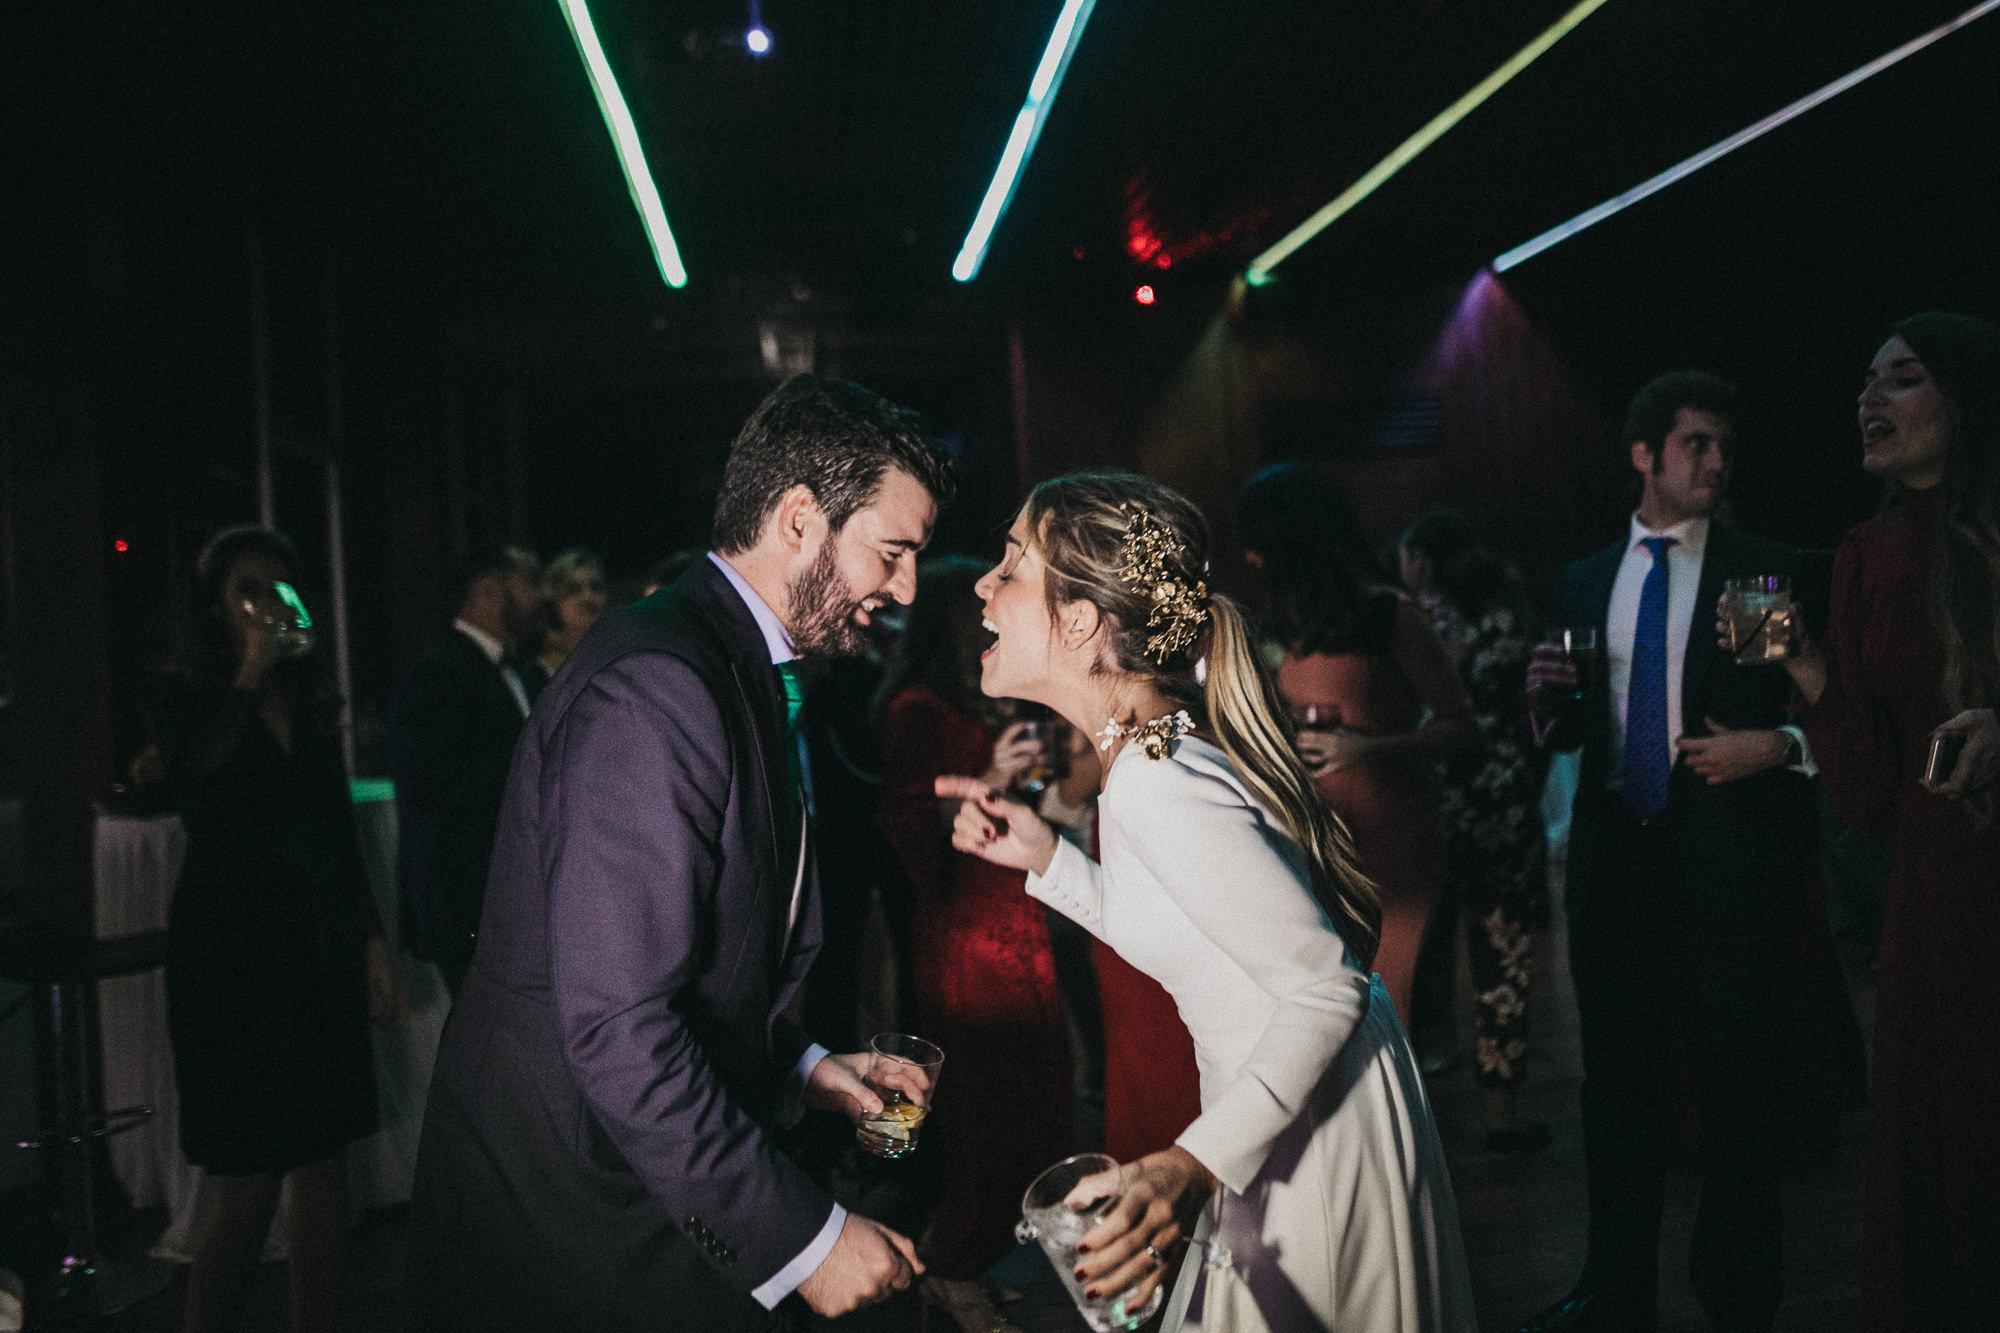 Fotografo de bodas españa serafin castillo wedding photographer spain 036.jpg